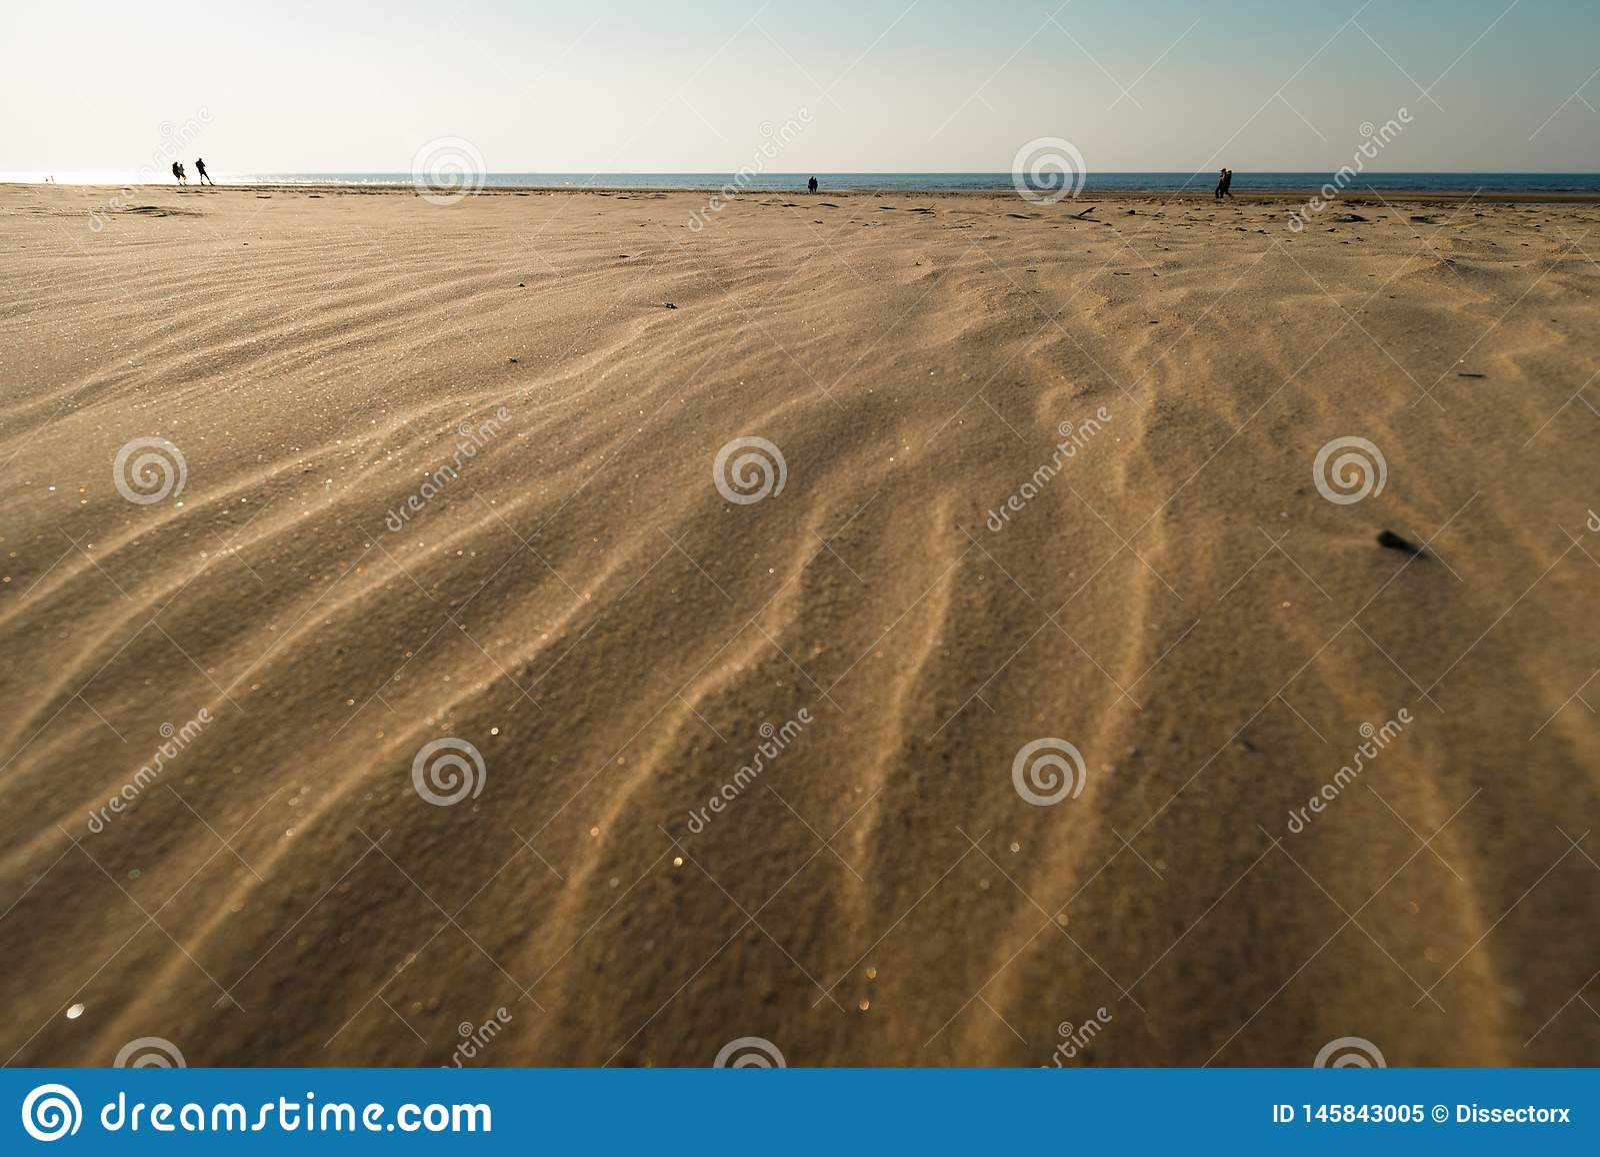 Dessert zoals geweven zand - het strand van de Oostzeegolf met wit zand in de zonsondergang